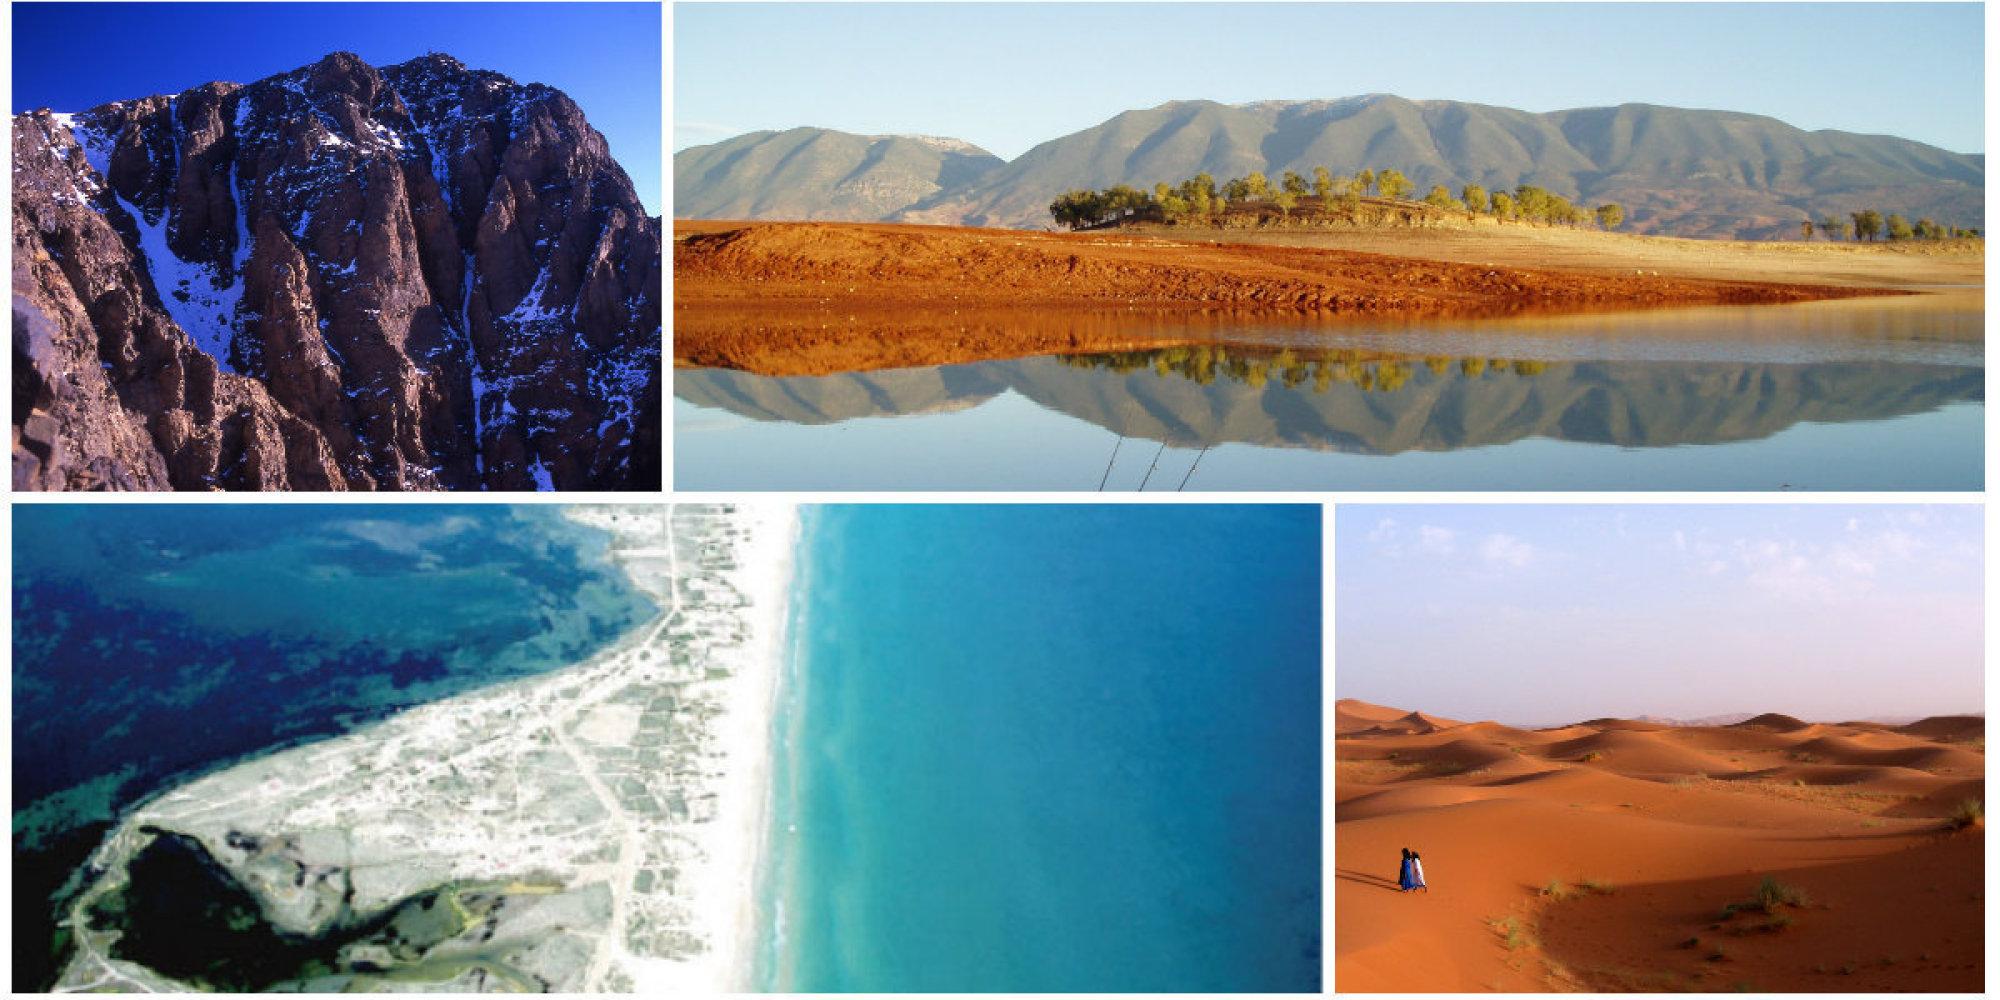 meilleur site de rencontre au maroc